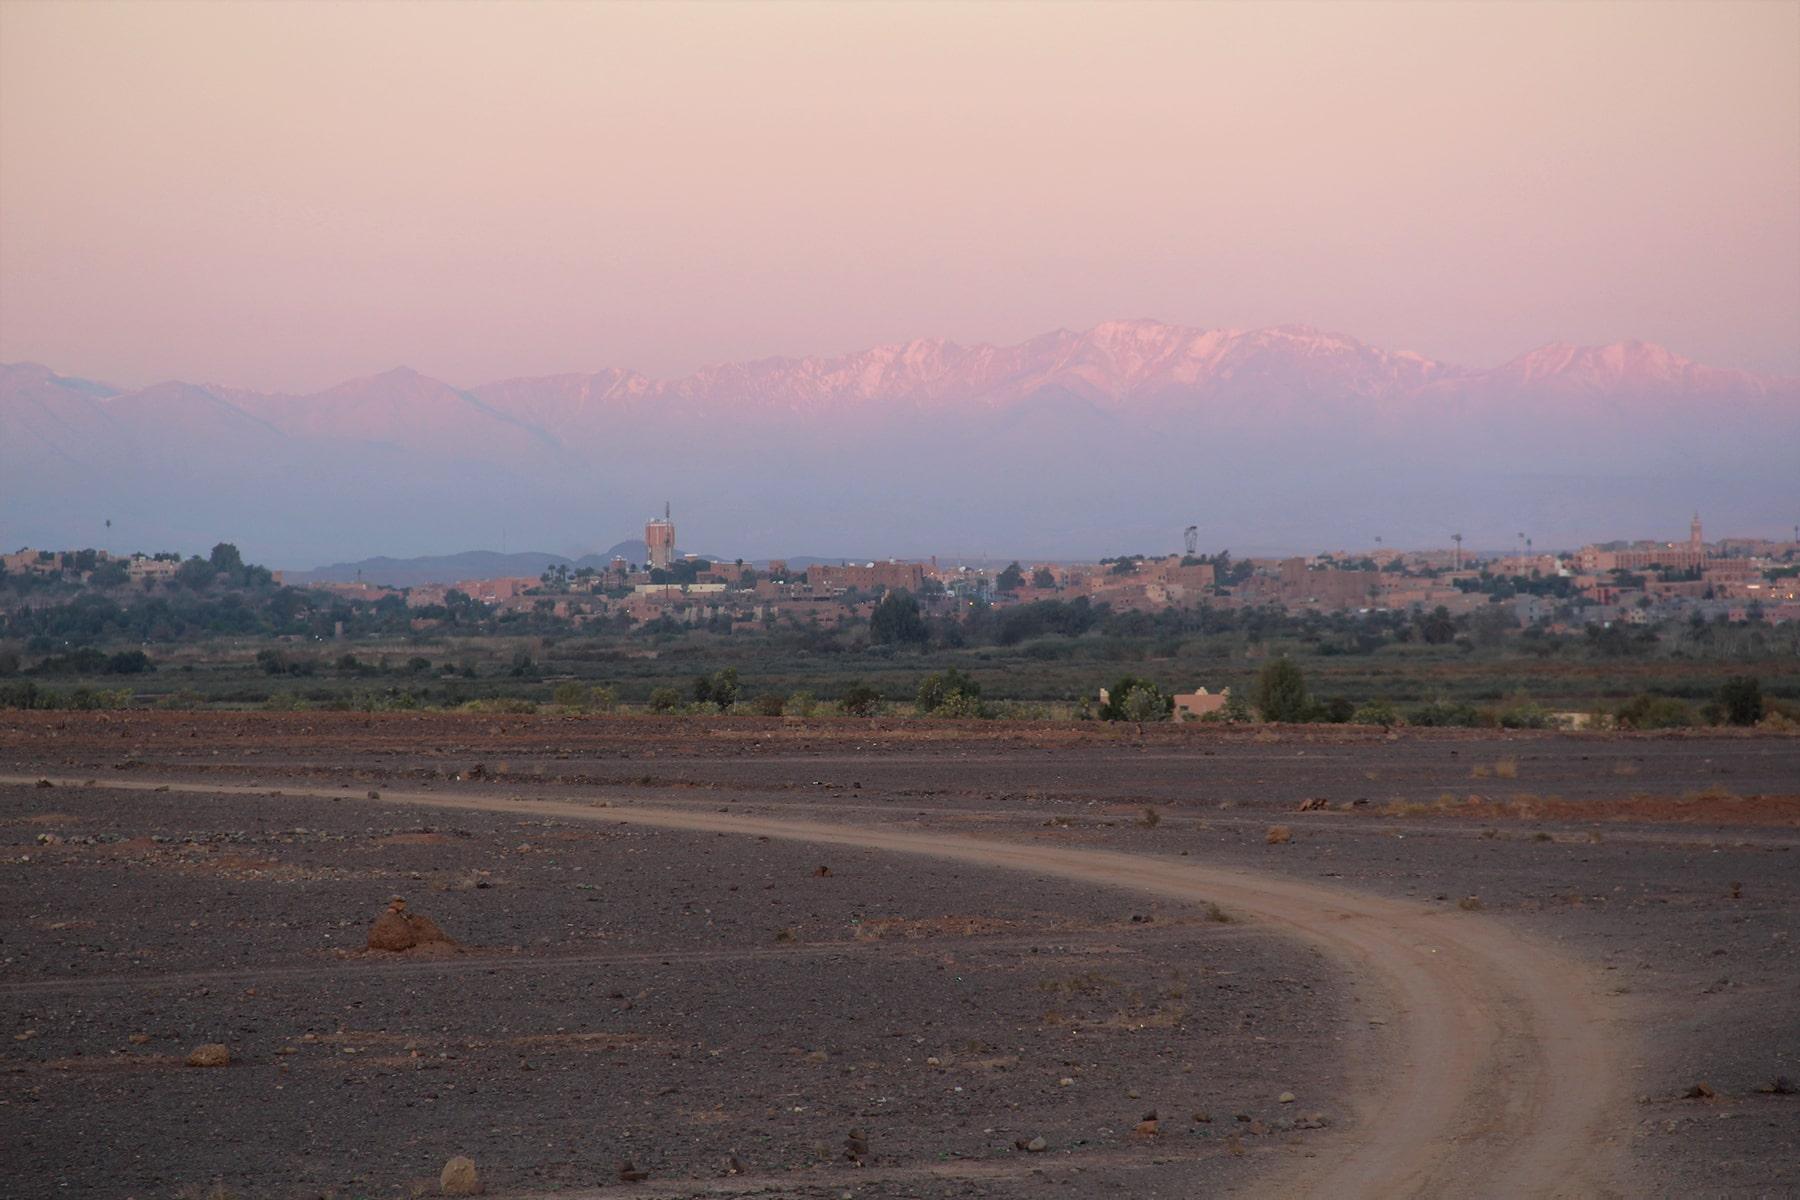 Alba sulla città di Ouarzazate e le montagne dell'Alto Atlante